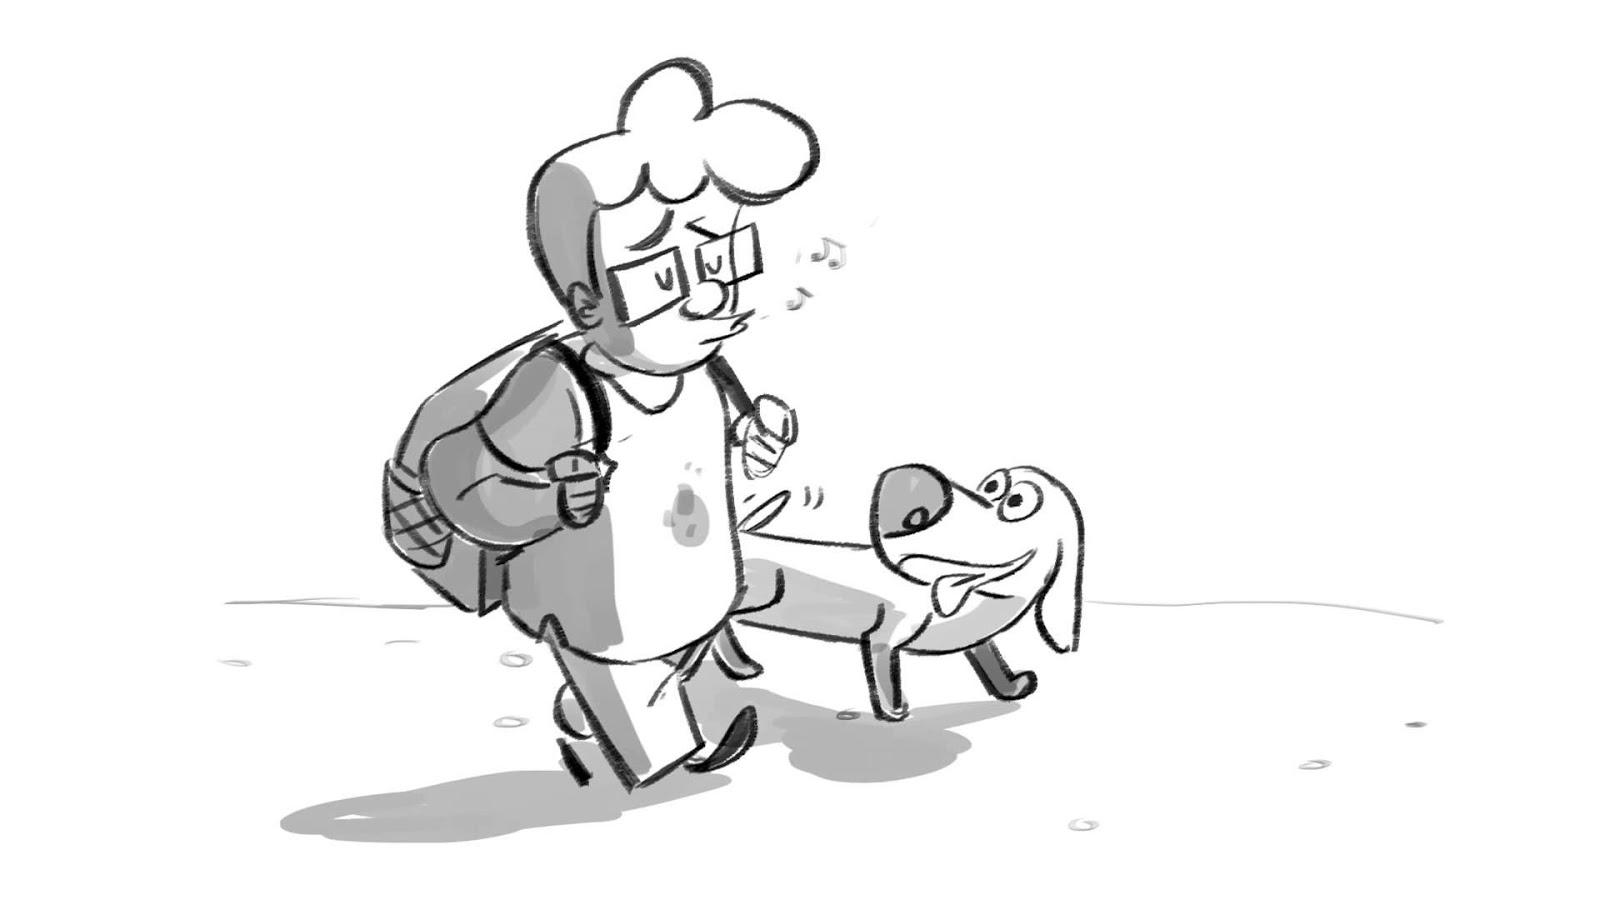 Gambar Animasi Anticipation Elemen Prinsip Animasi Solid Drawing Bagian 9 Oleh M S Gumelar